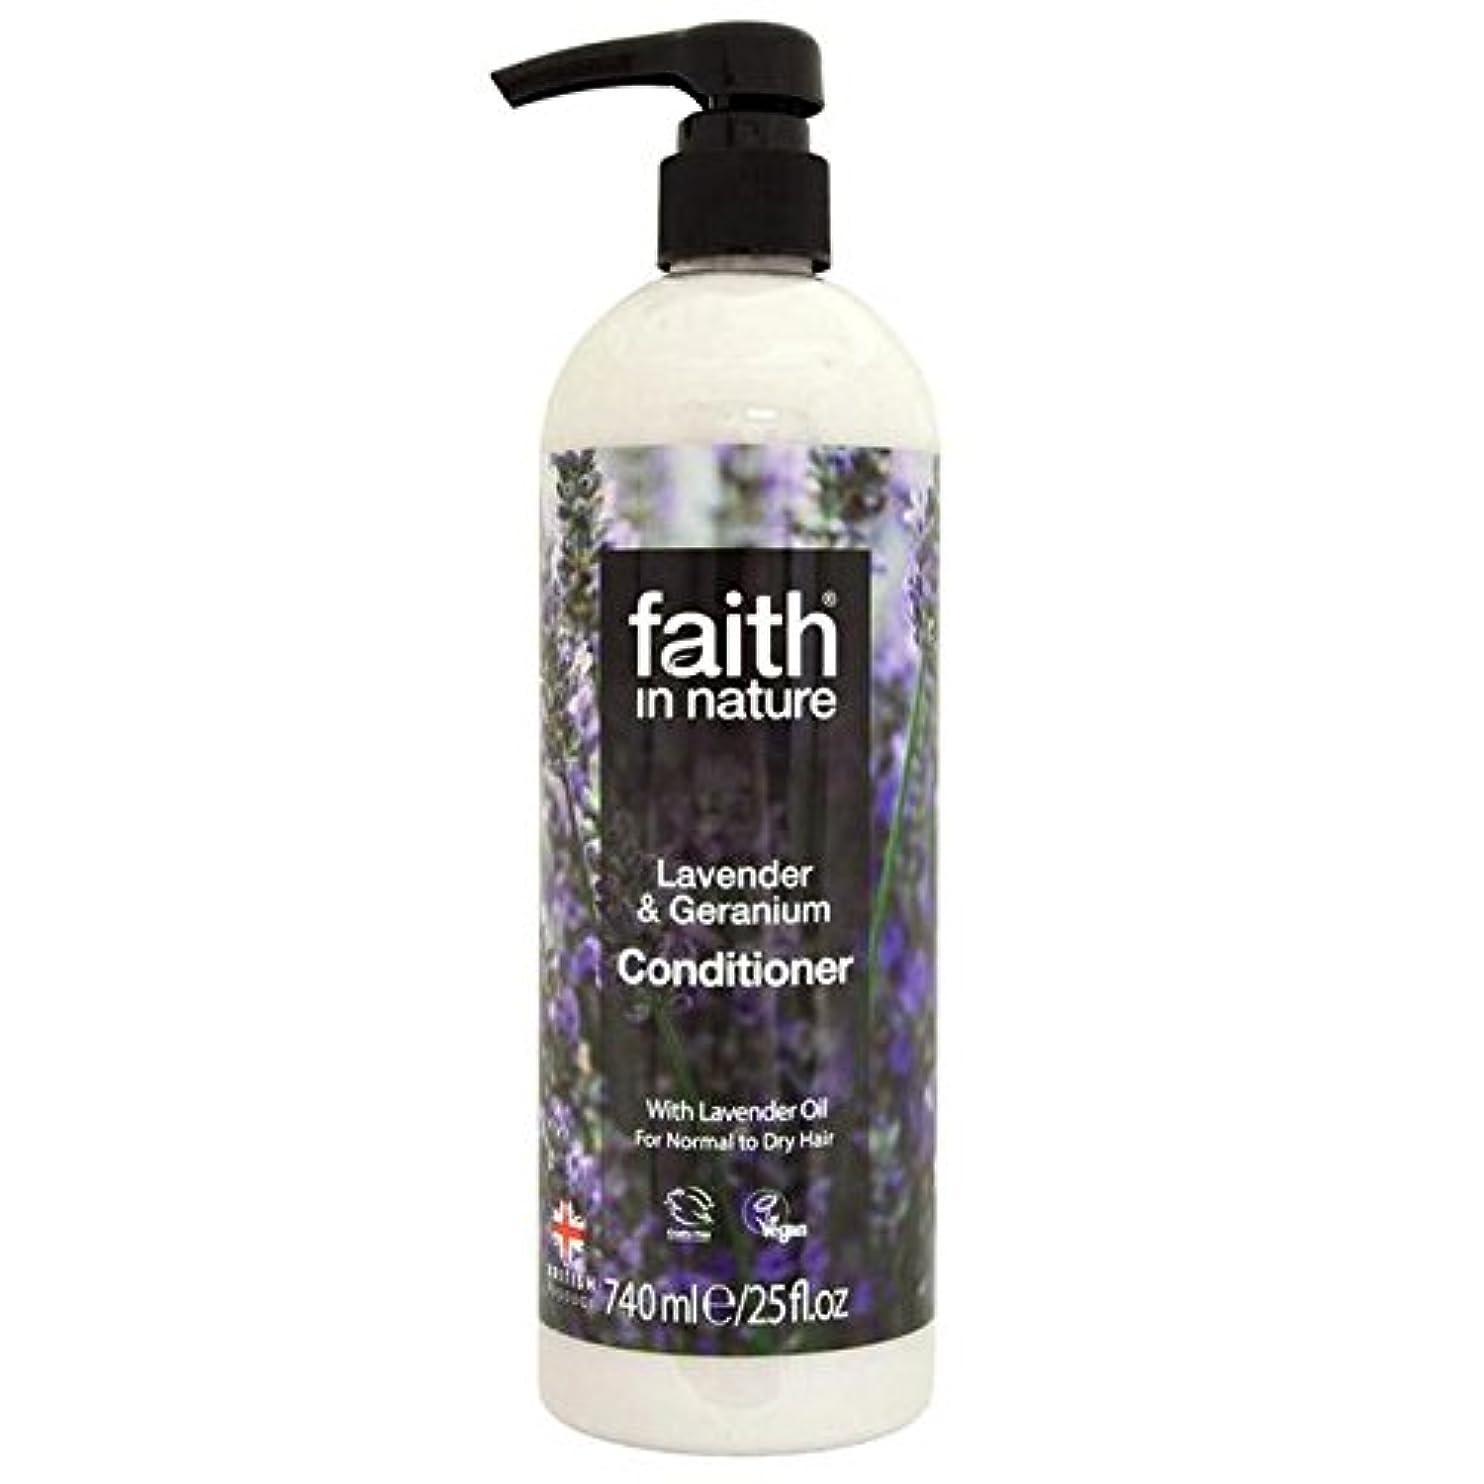 明らかに無謀チャンバーFaith in Nature Lavender & Geranium Conditioner 740ml (Pack of 6) - (Faith In Nature) 自然ラベンダー&ゼラニウムコンディショナー740...